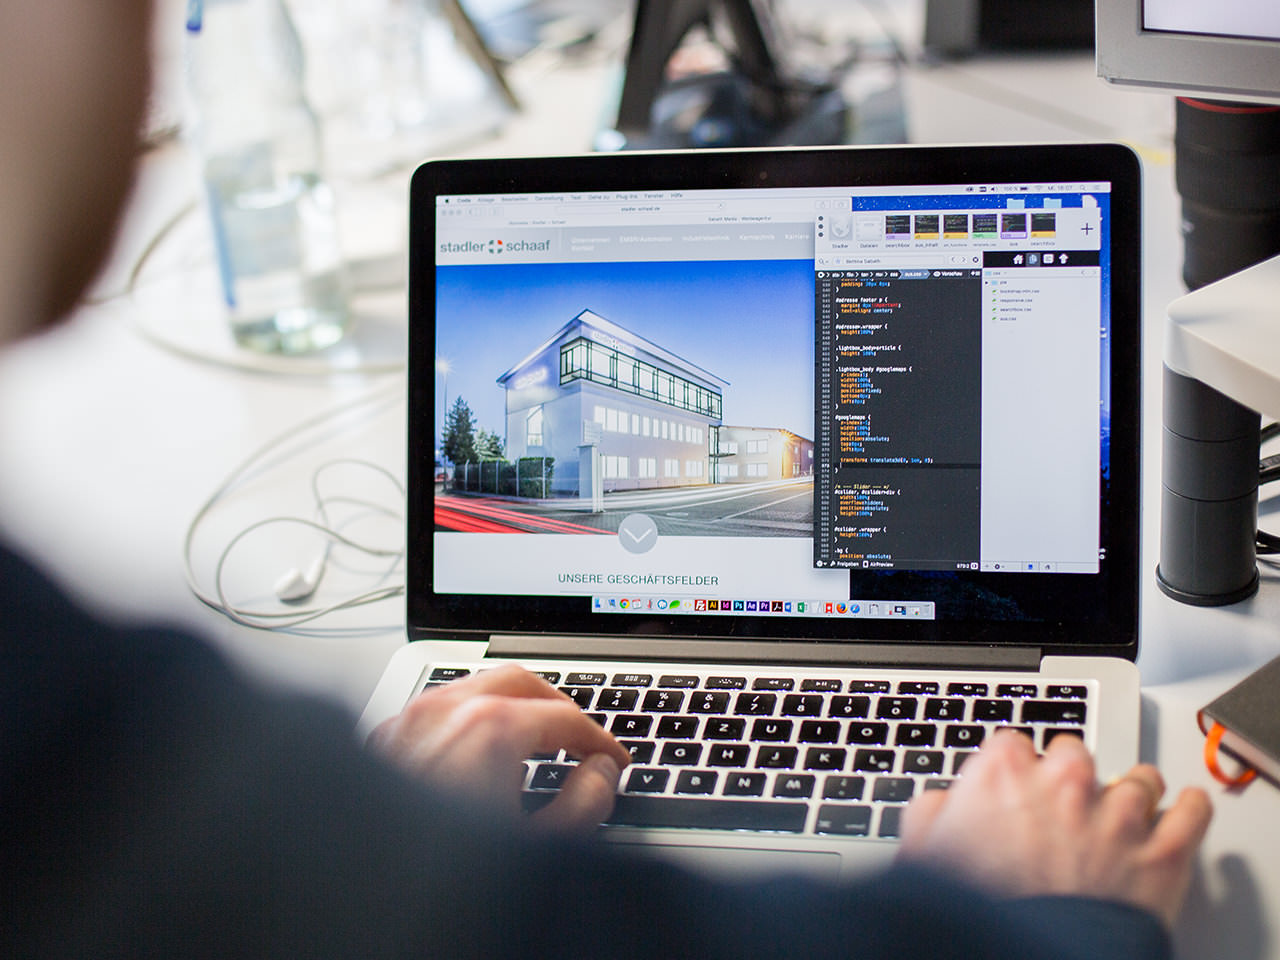 Sabath Media Werbeagentur - Stadler + Schaaf – Projektbeispiel - Referenzbild 2